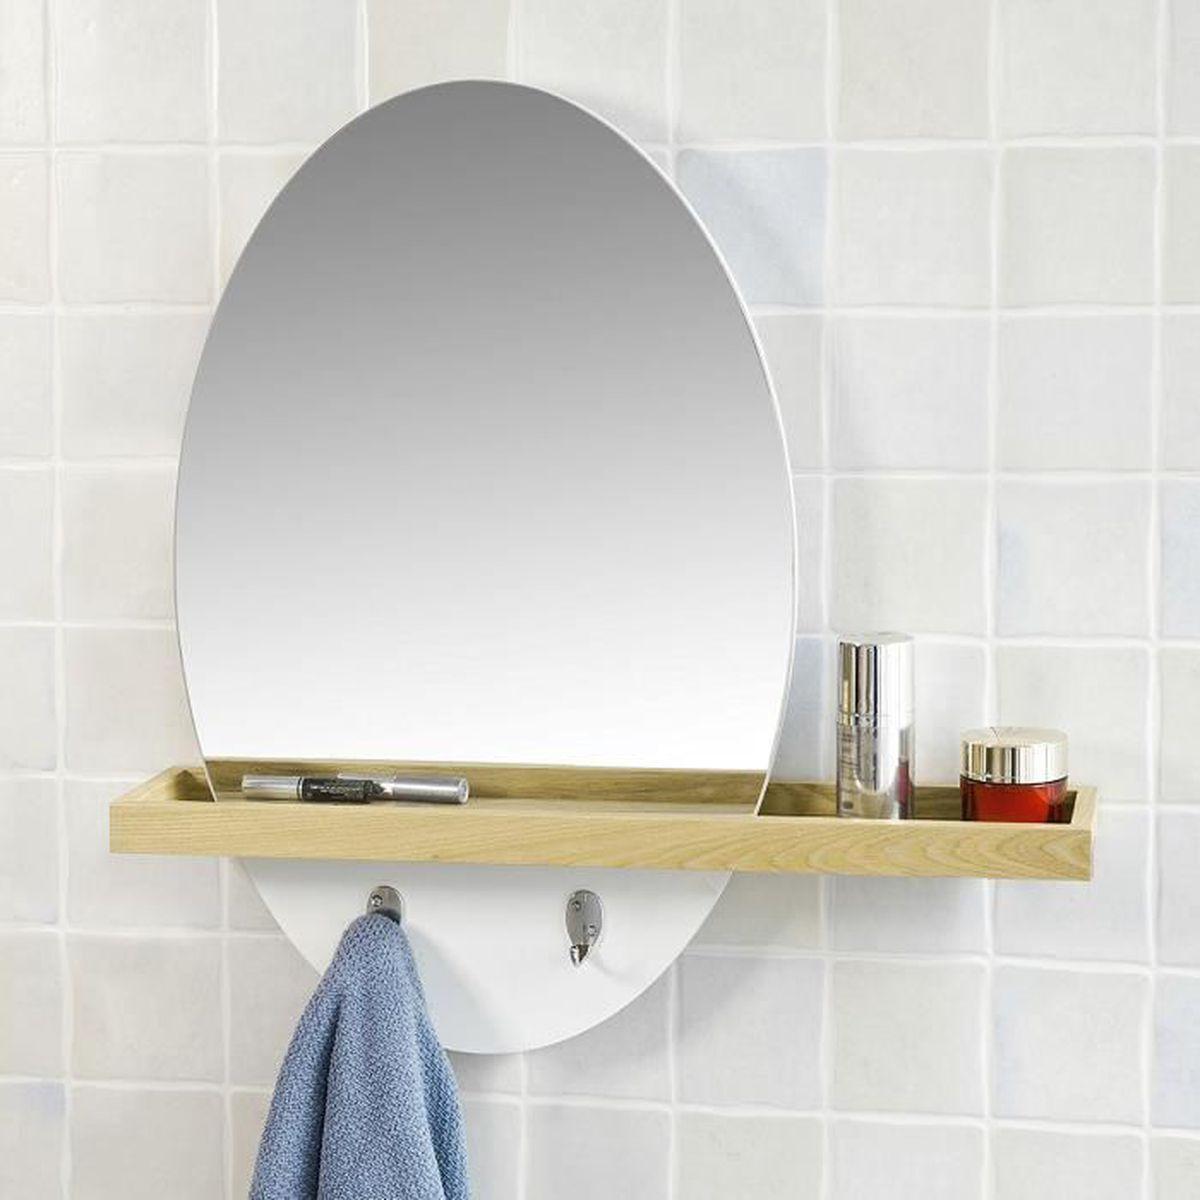 Salle De Bain Avec 2 Entrees miroir mural pour salle de bain l'entrée avec 1 étage